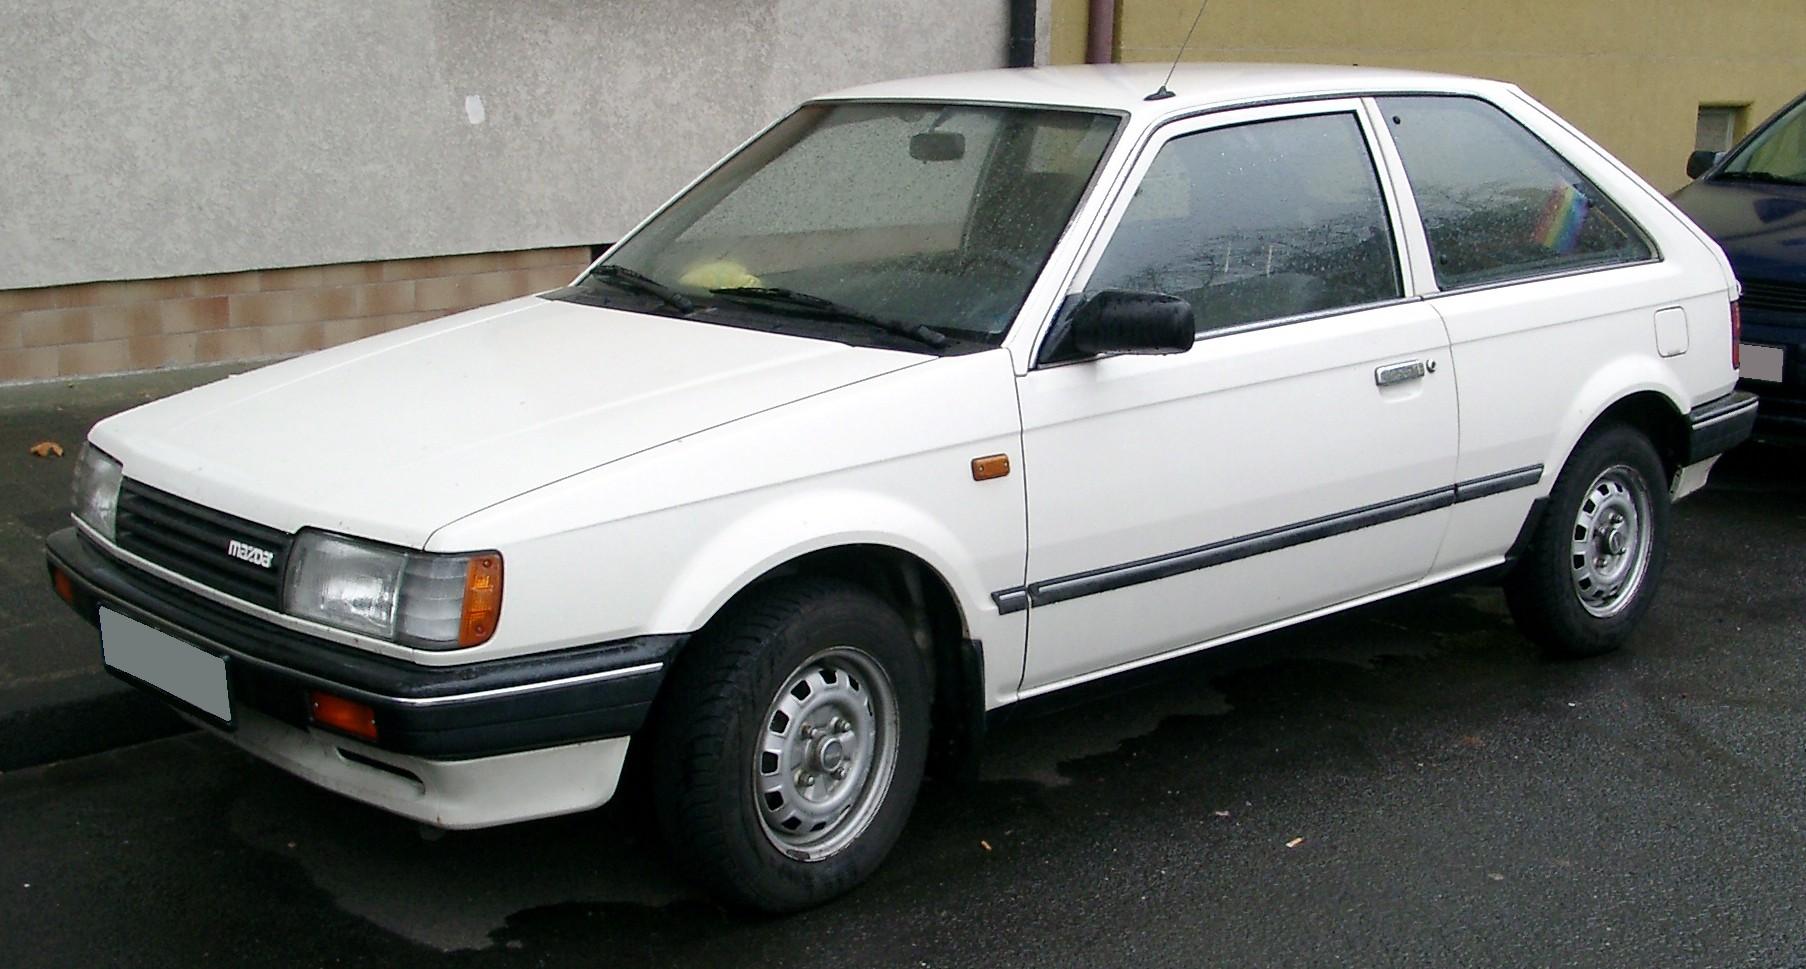 File:Mazda 323 front 20080220.jpg